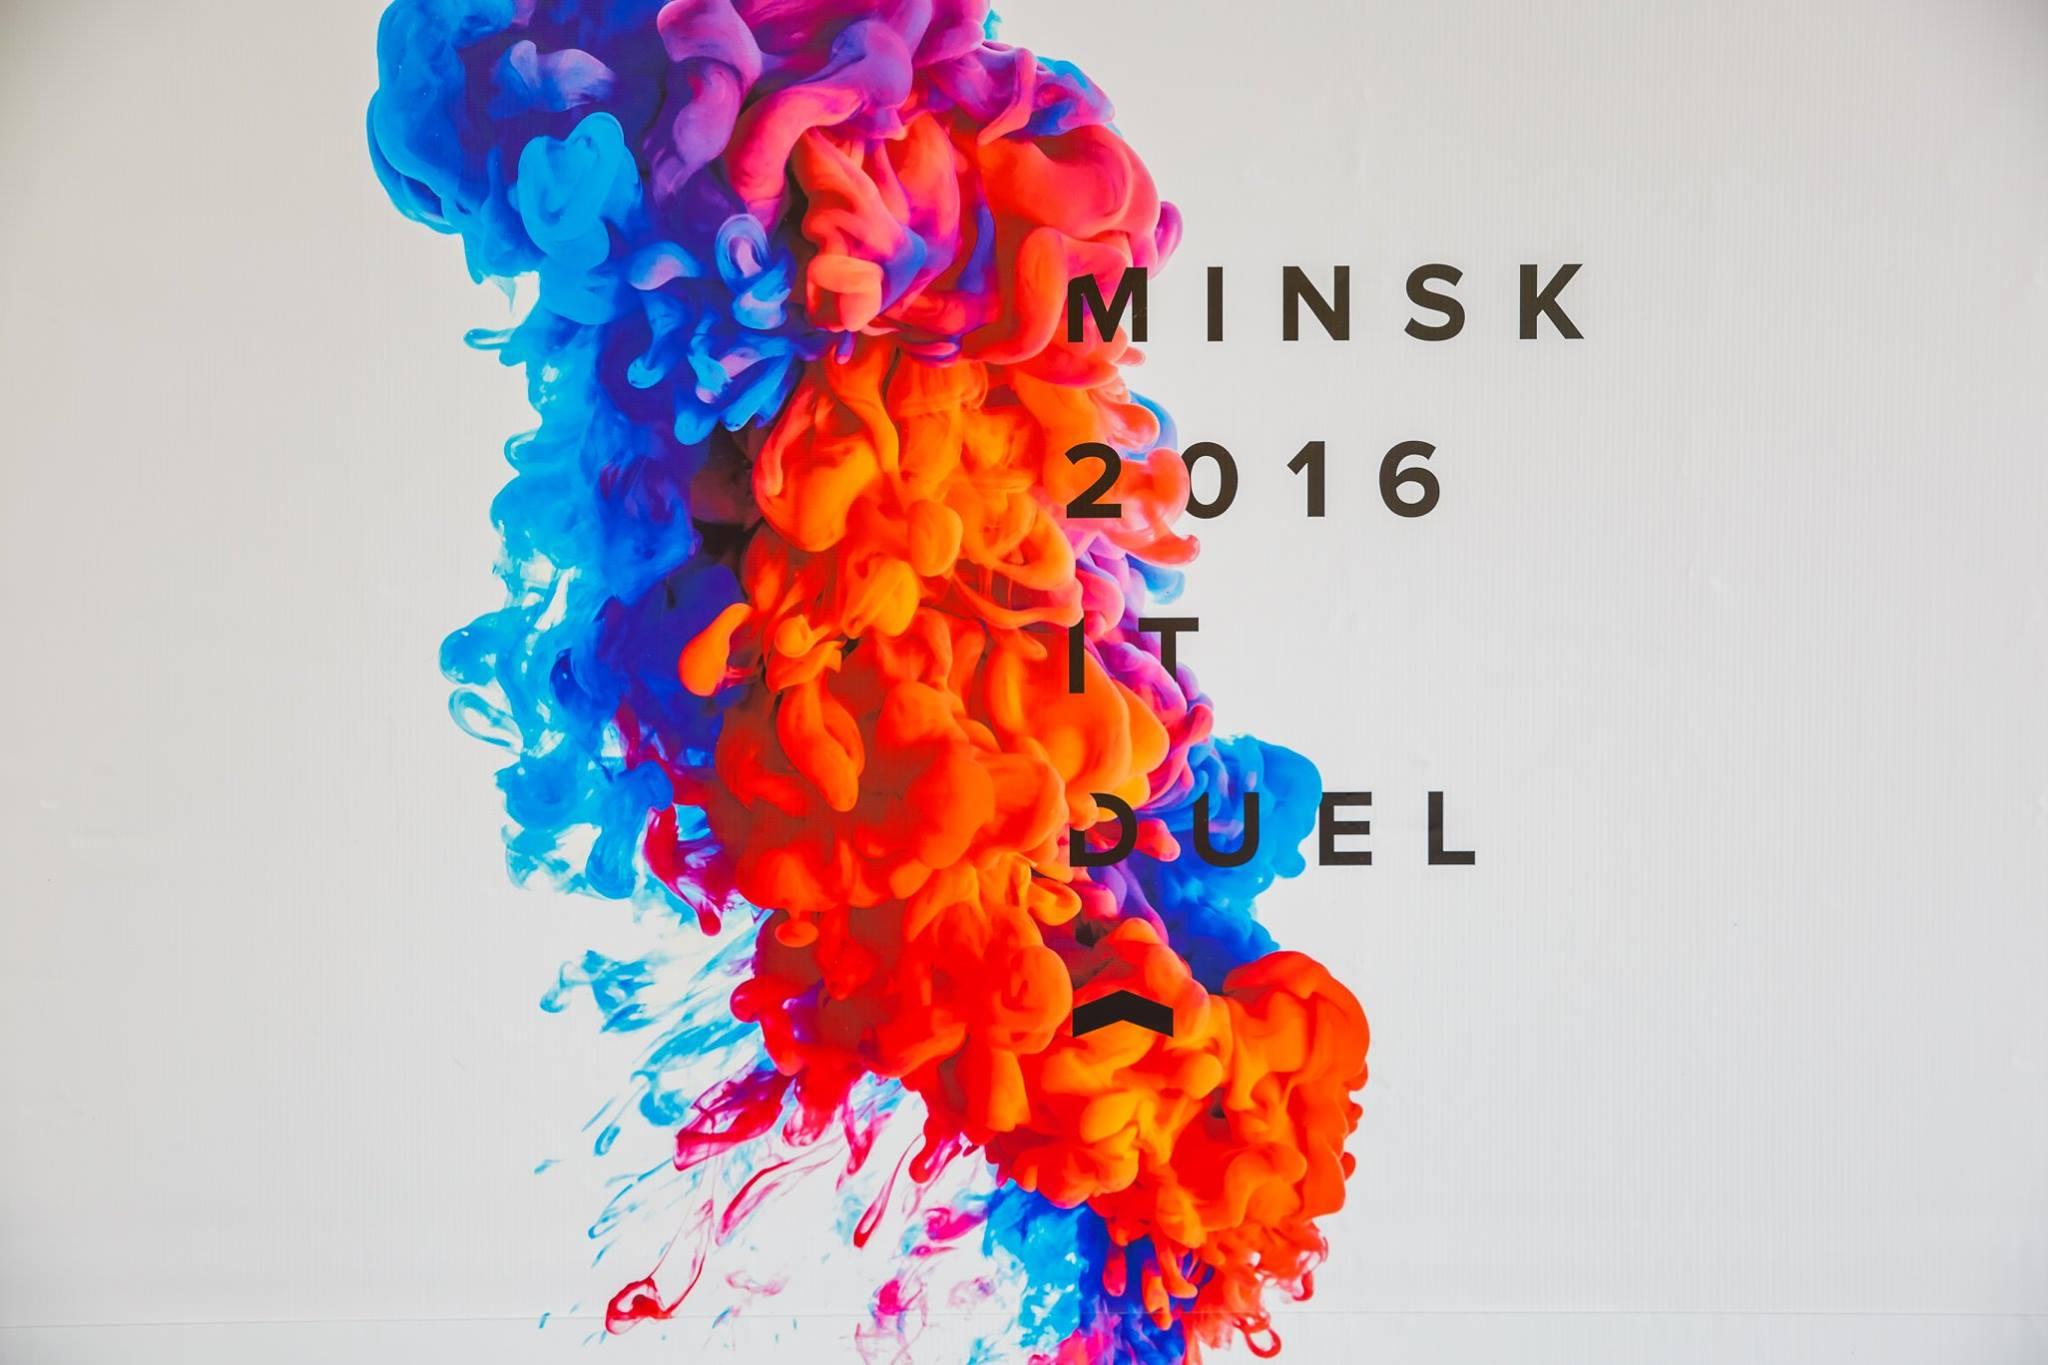 IT duel 2016 Minsk - 1